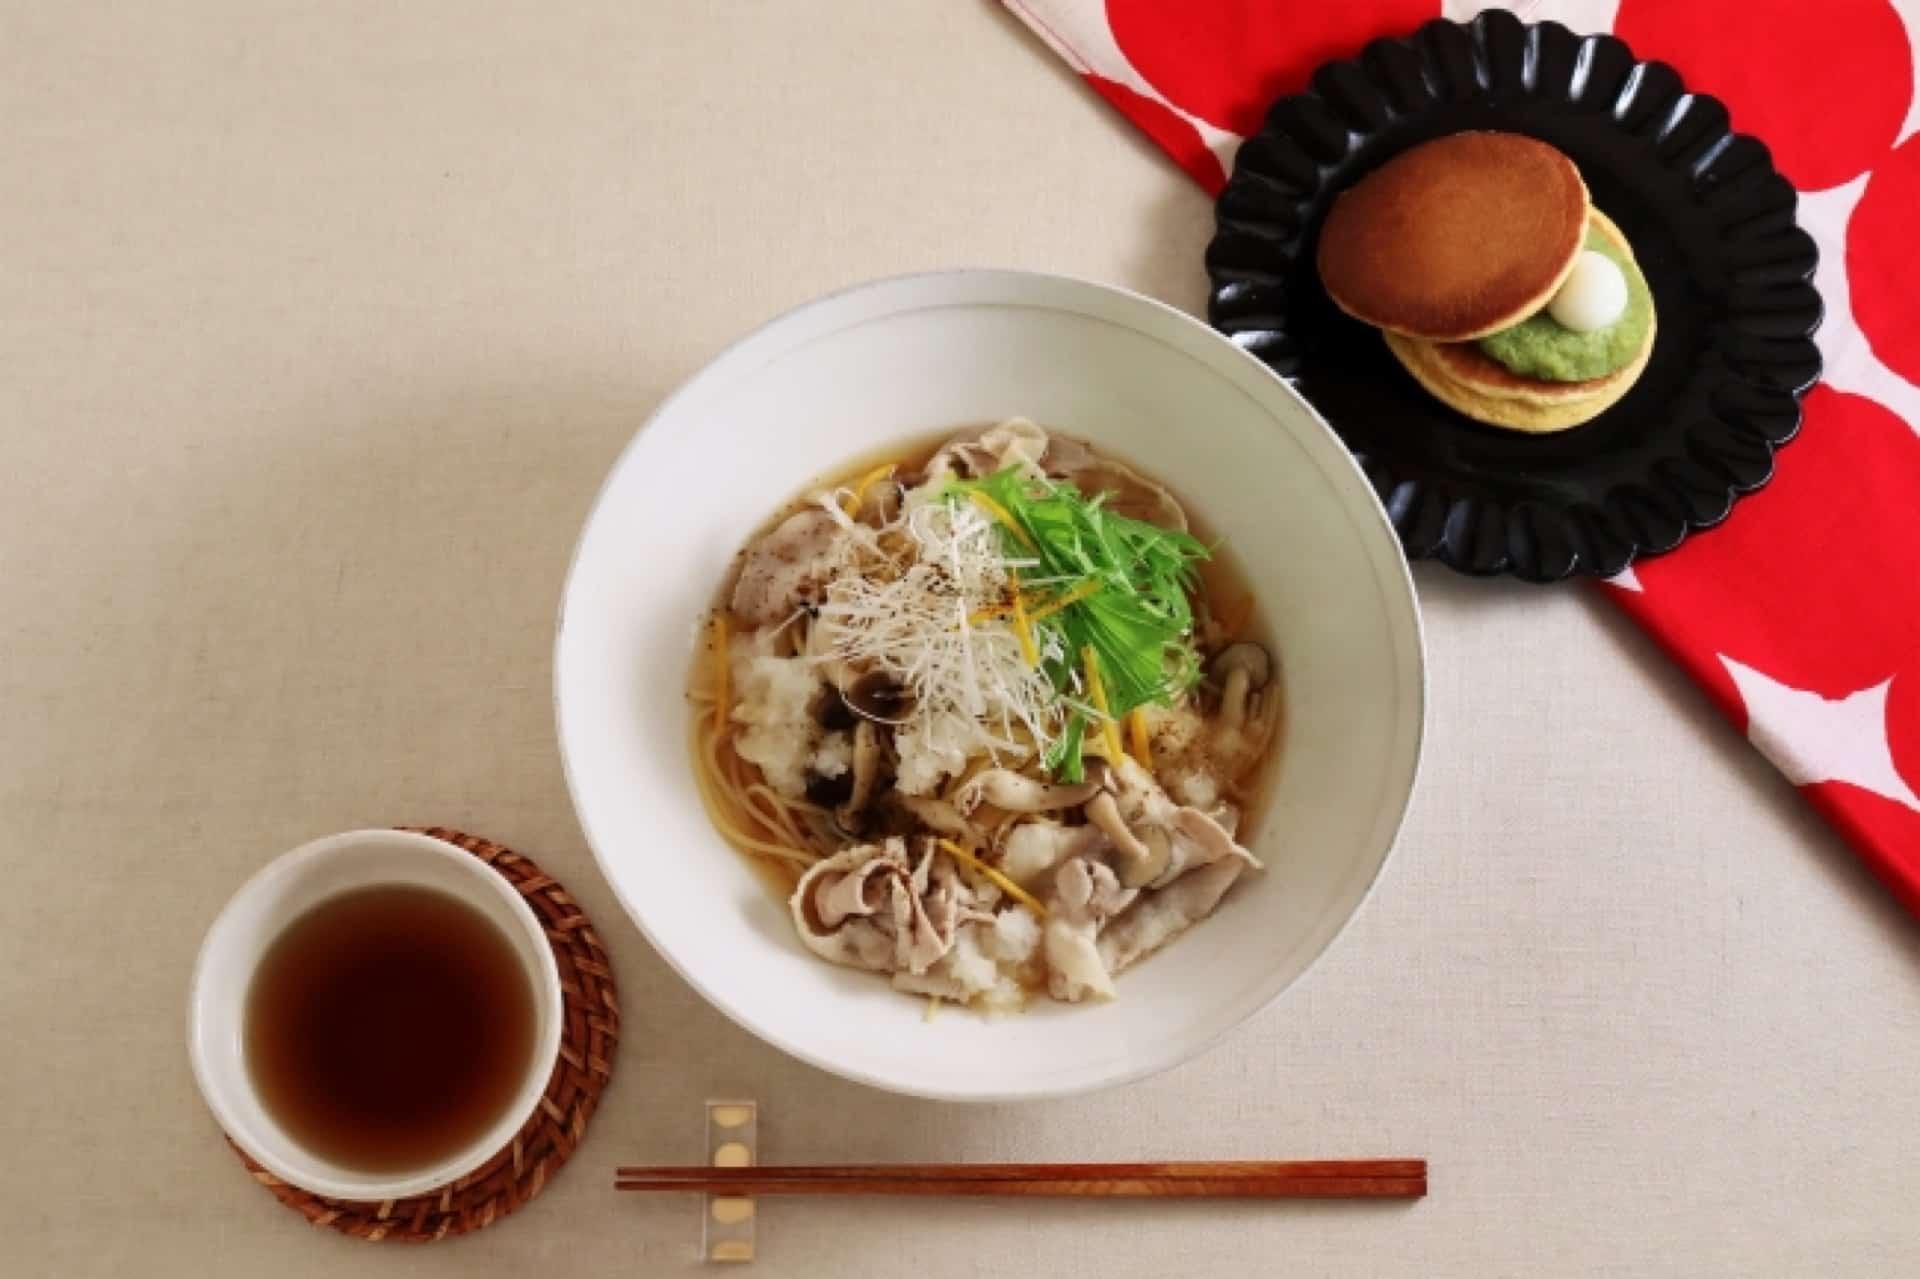 """新しい「こなな」がミント神戸に8月1日オープン!日本のパスタ・野菜・甘味に加えて""""こなな茶""""も"""